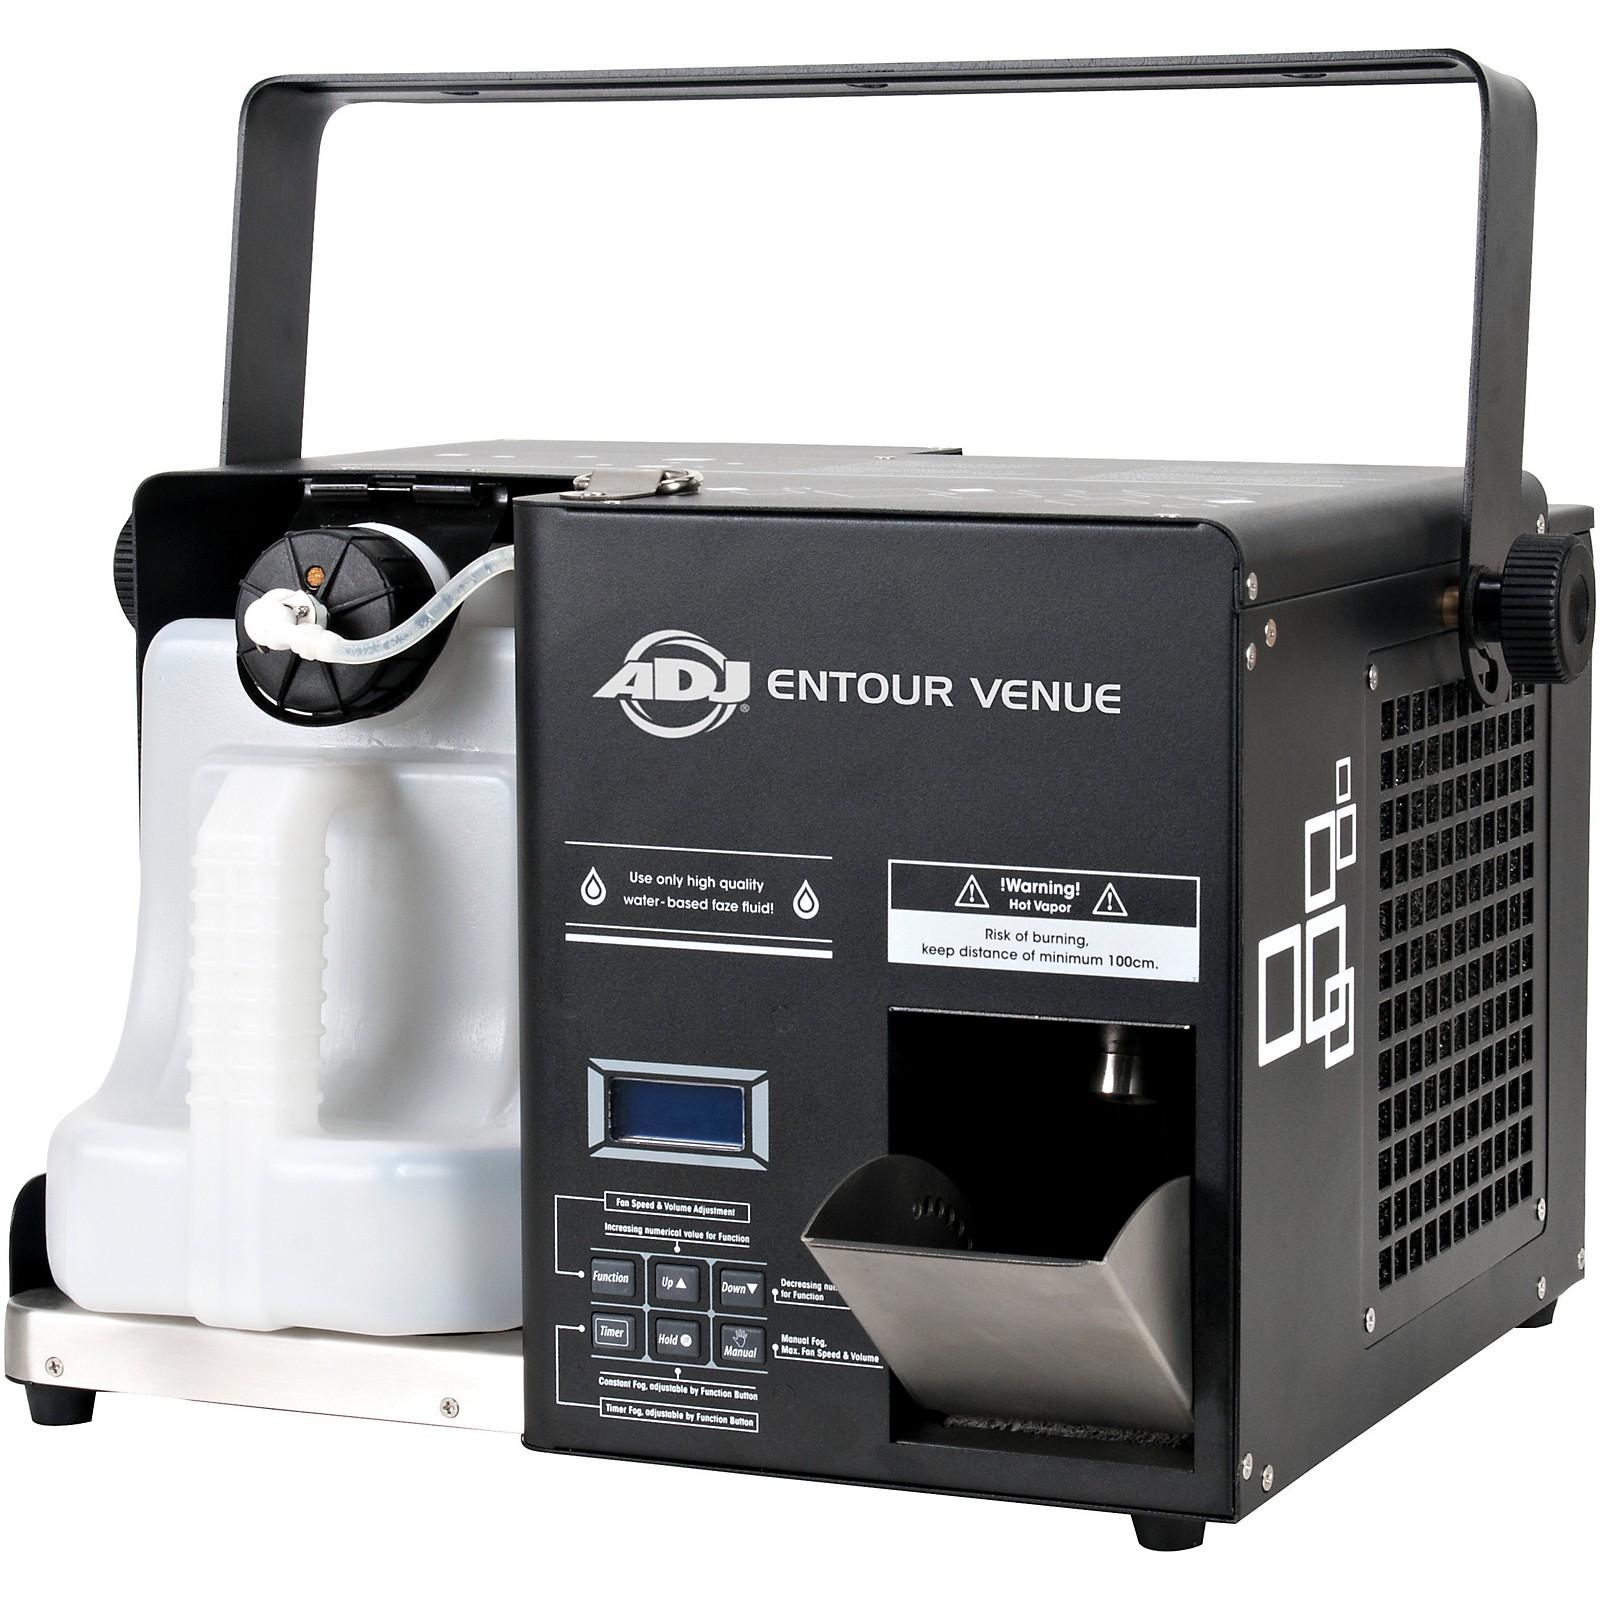 American DJ Entour Venue Professional High-output Mobile Faze Hybrid Fog Haze Machine